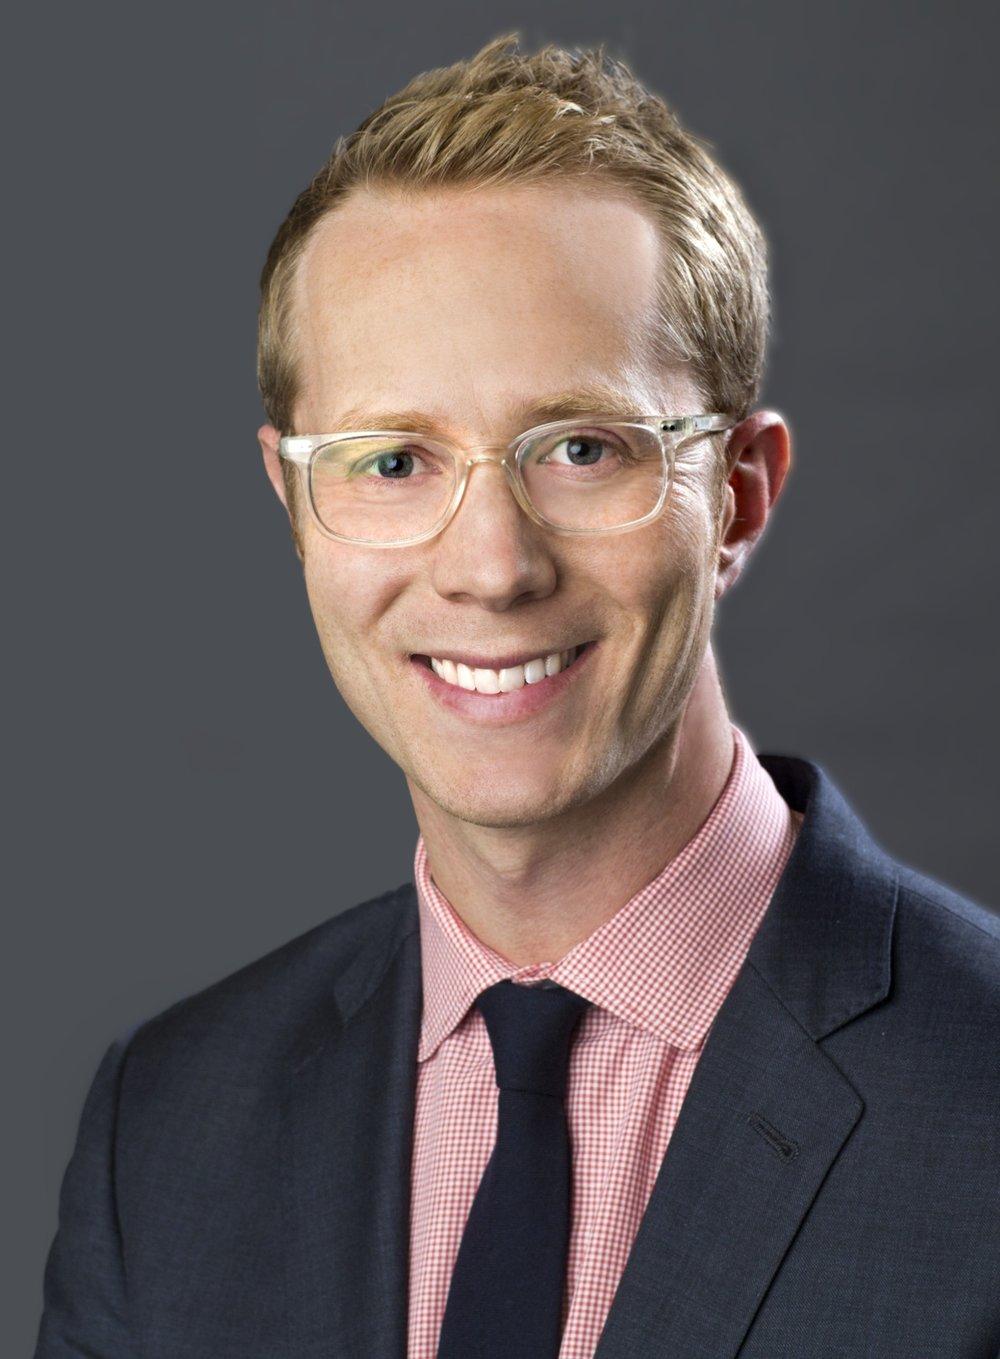 Trevor Houser - Rhodium Group, partner